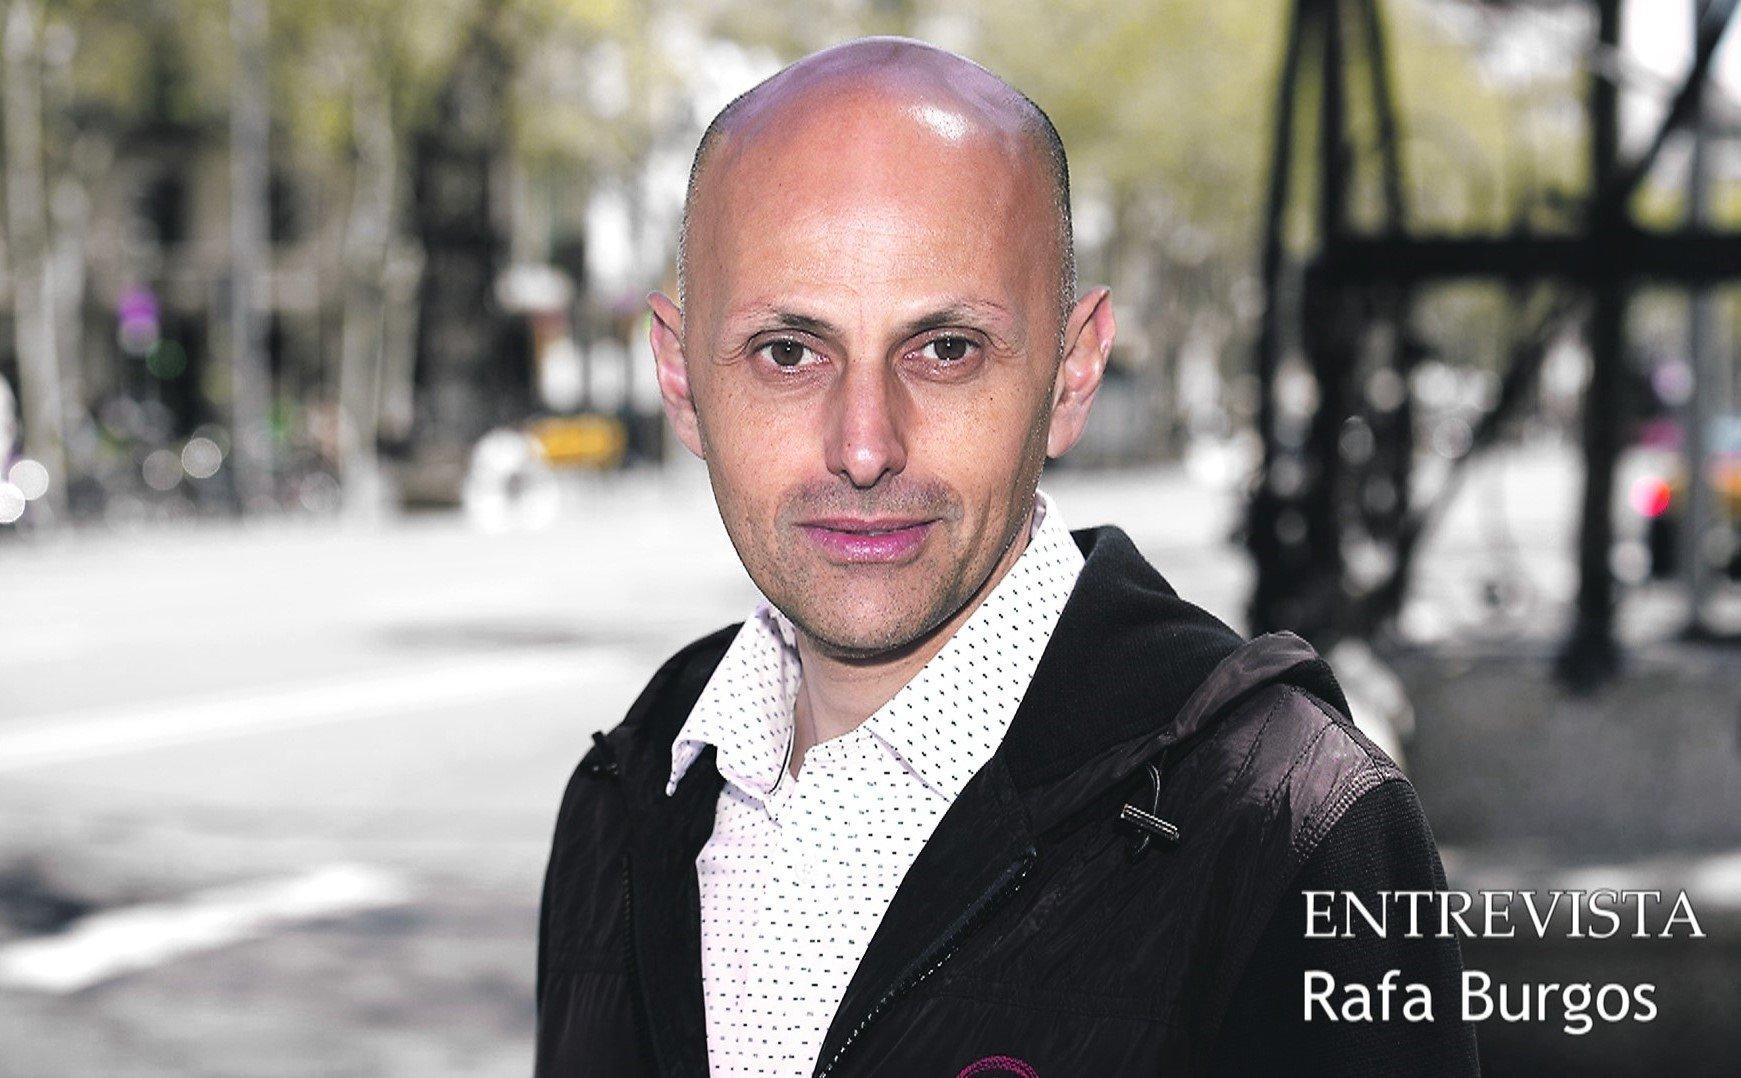 Rafa Burgos